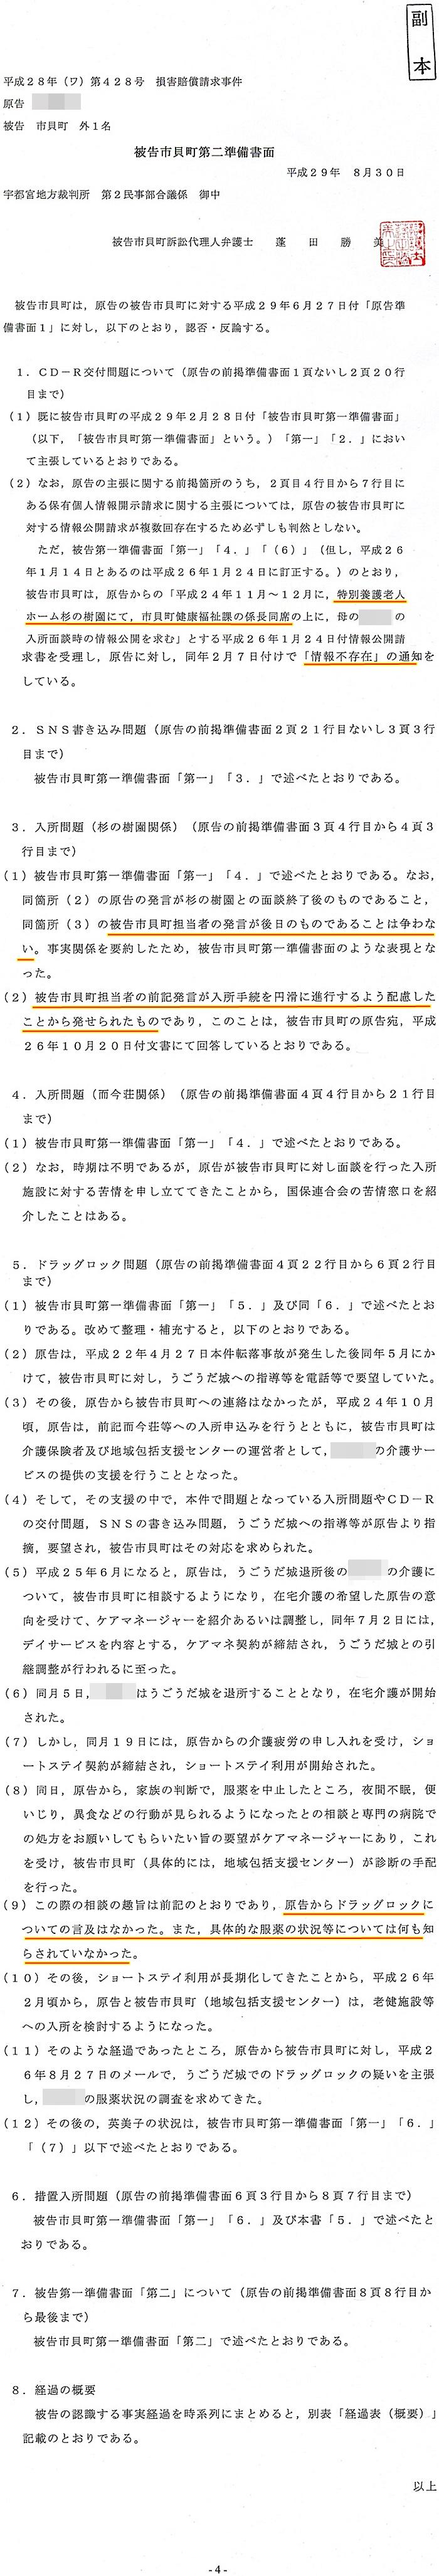 準備書面2 蓬田勝美弁護士 入野正明町長 市貝町 道の駅 サシバの里いちかい